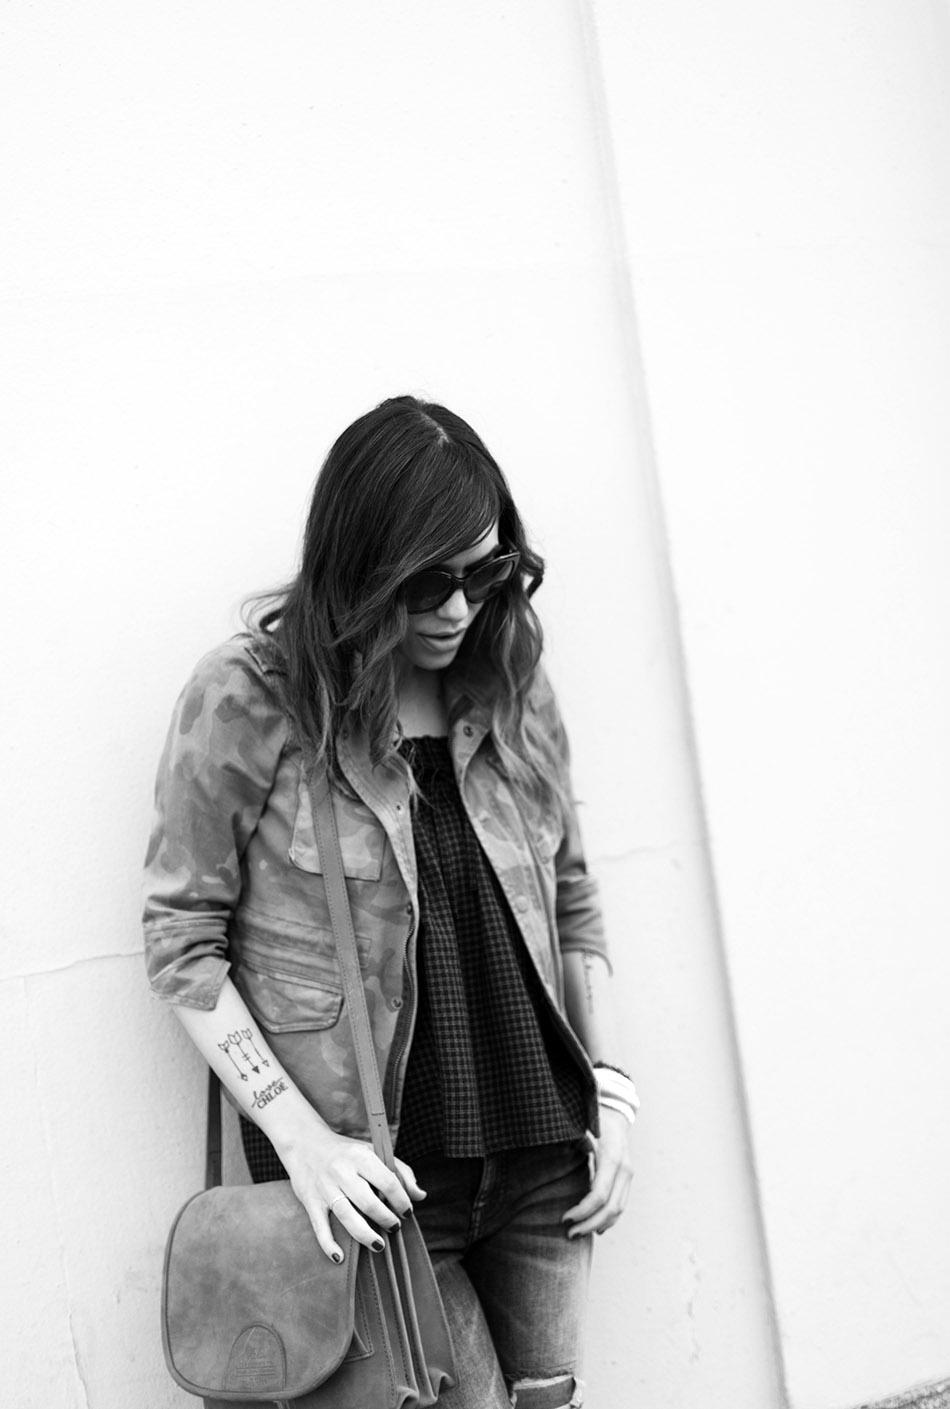 look de street style con chaqueta de estampado militar, top de cuadros vichy, pitillos y botines de flecos. bárbara crespo. foto en blanco y negro